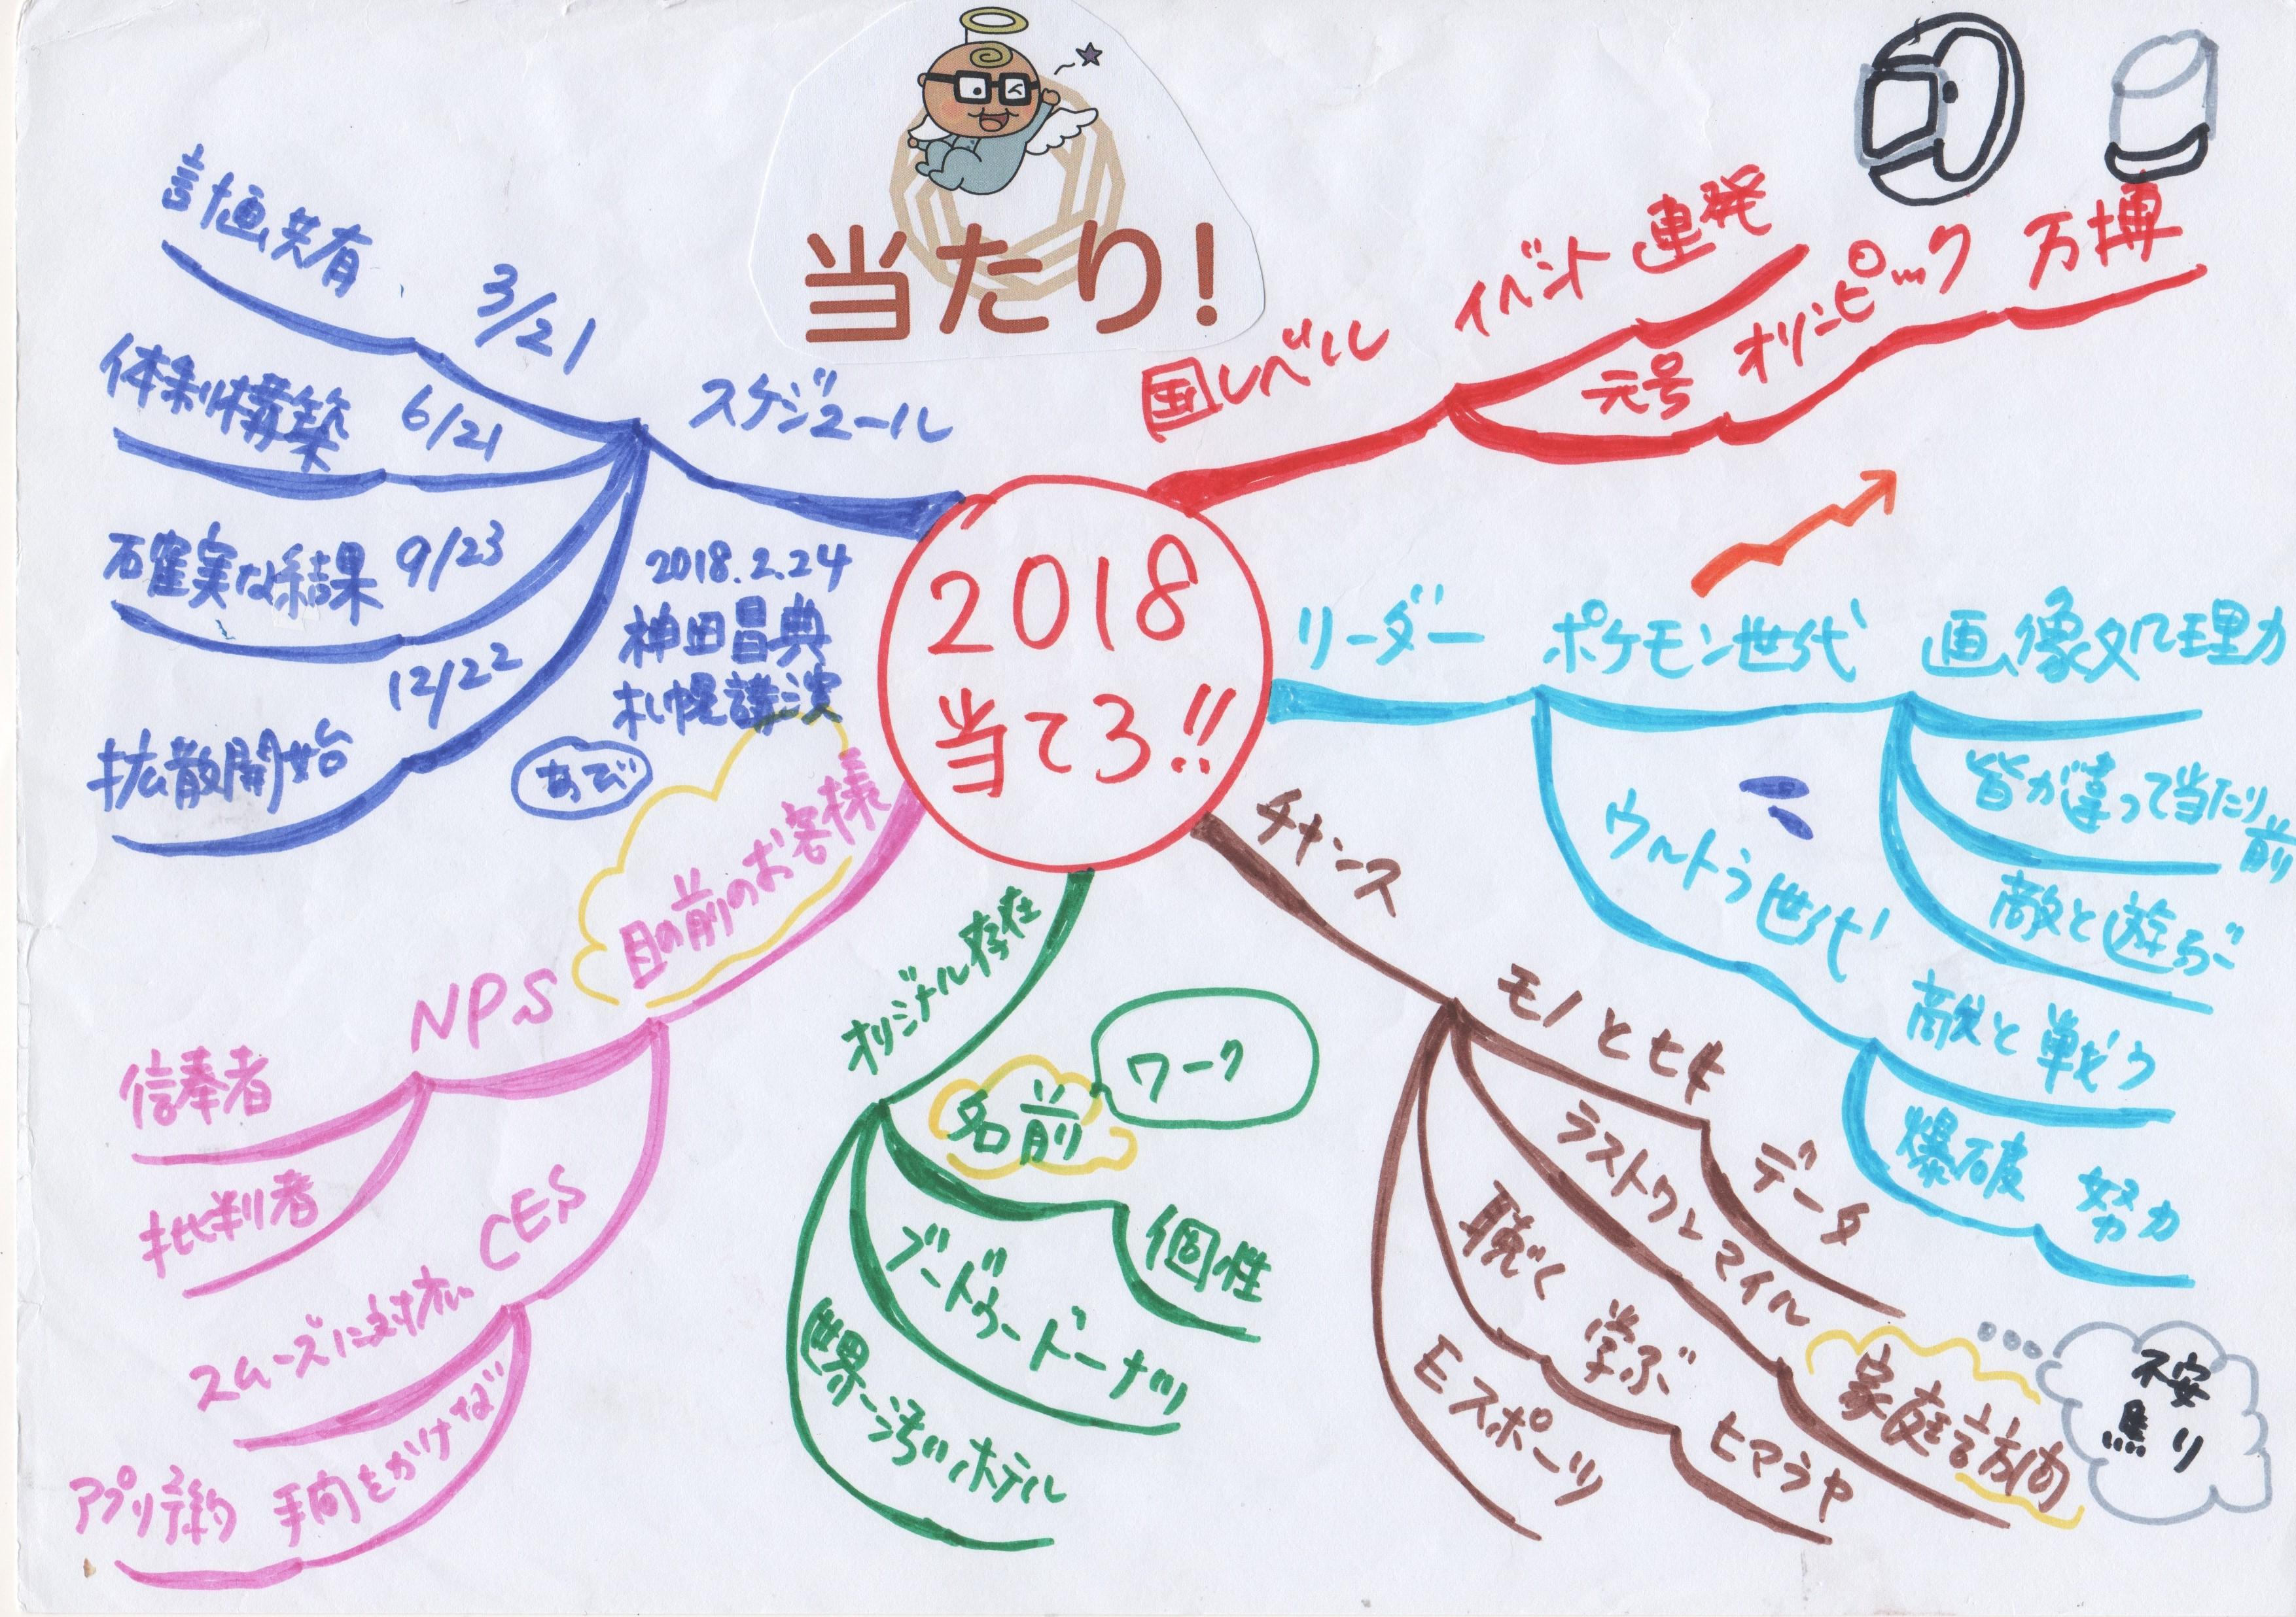 2018年神田昌典さん2022講演マインドマップ